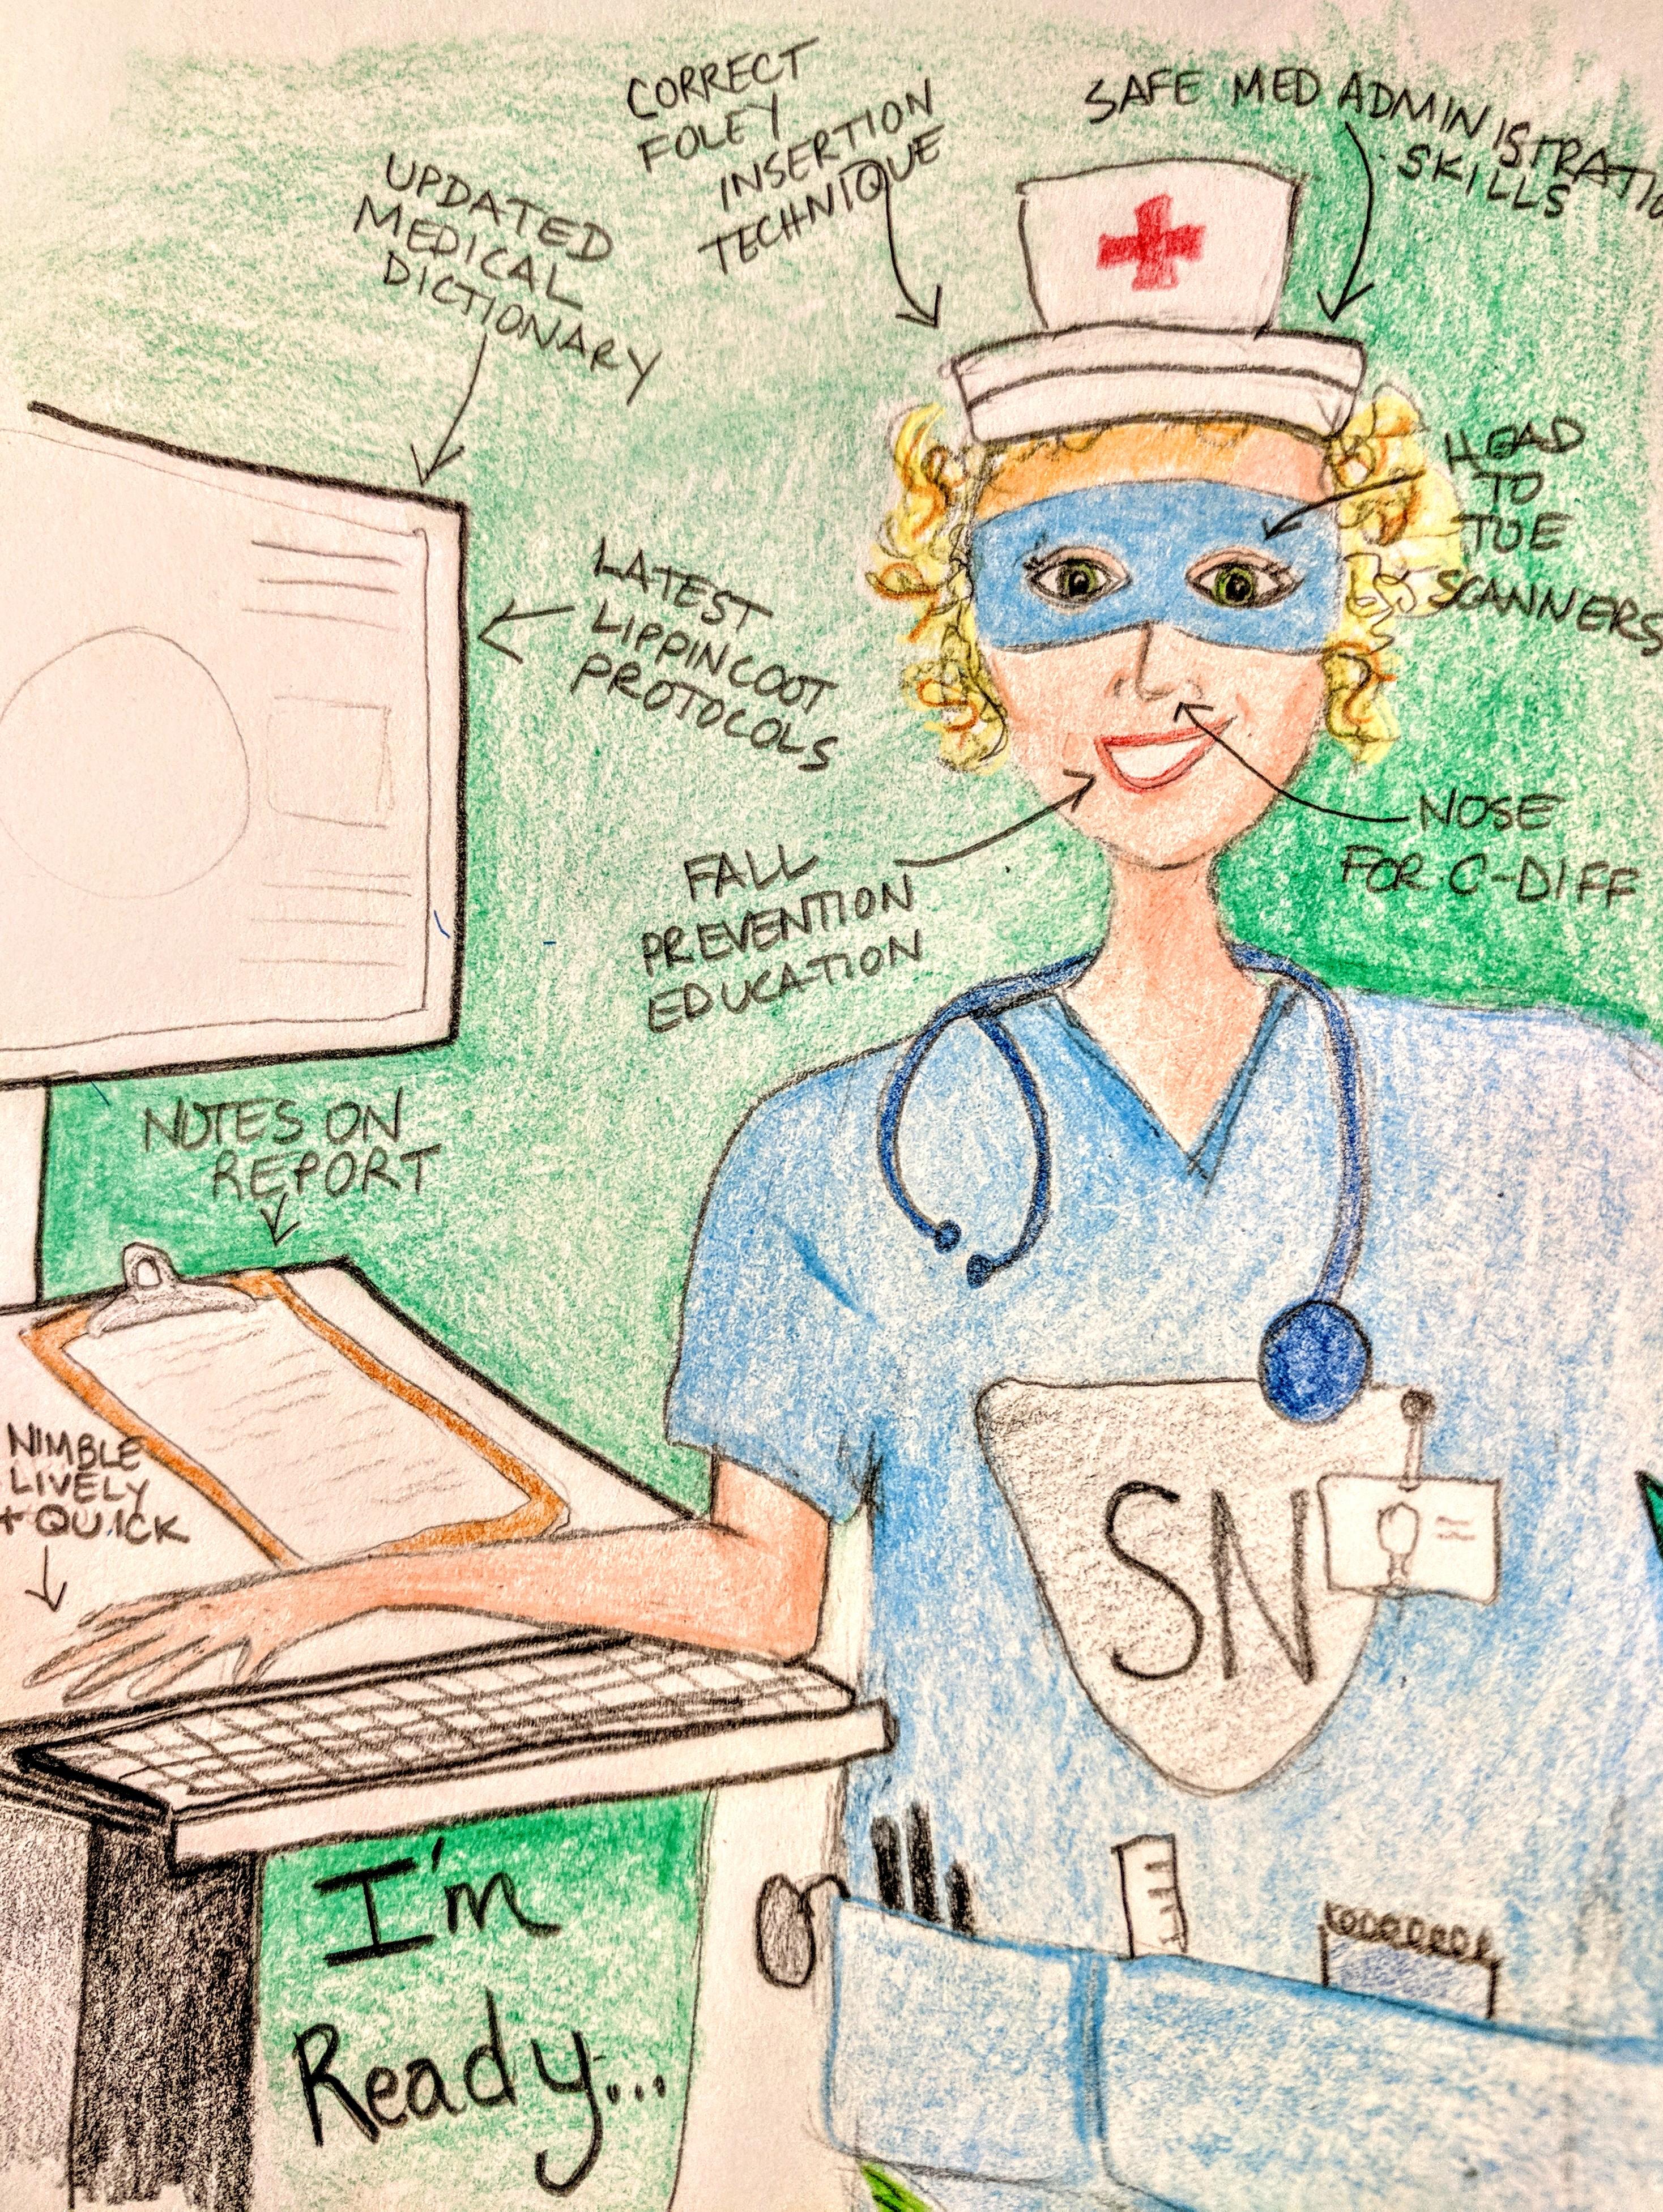 School Nurse Medication